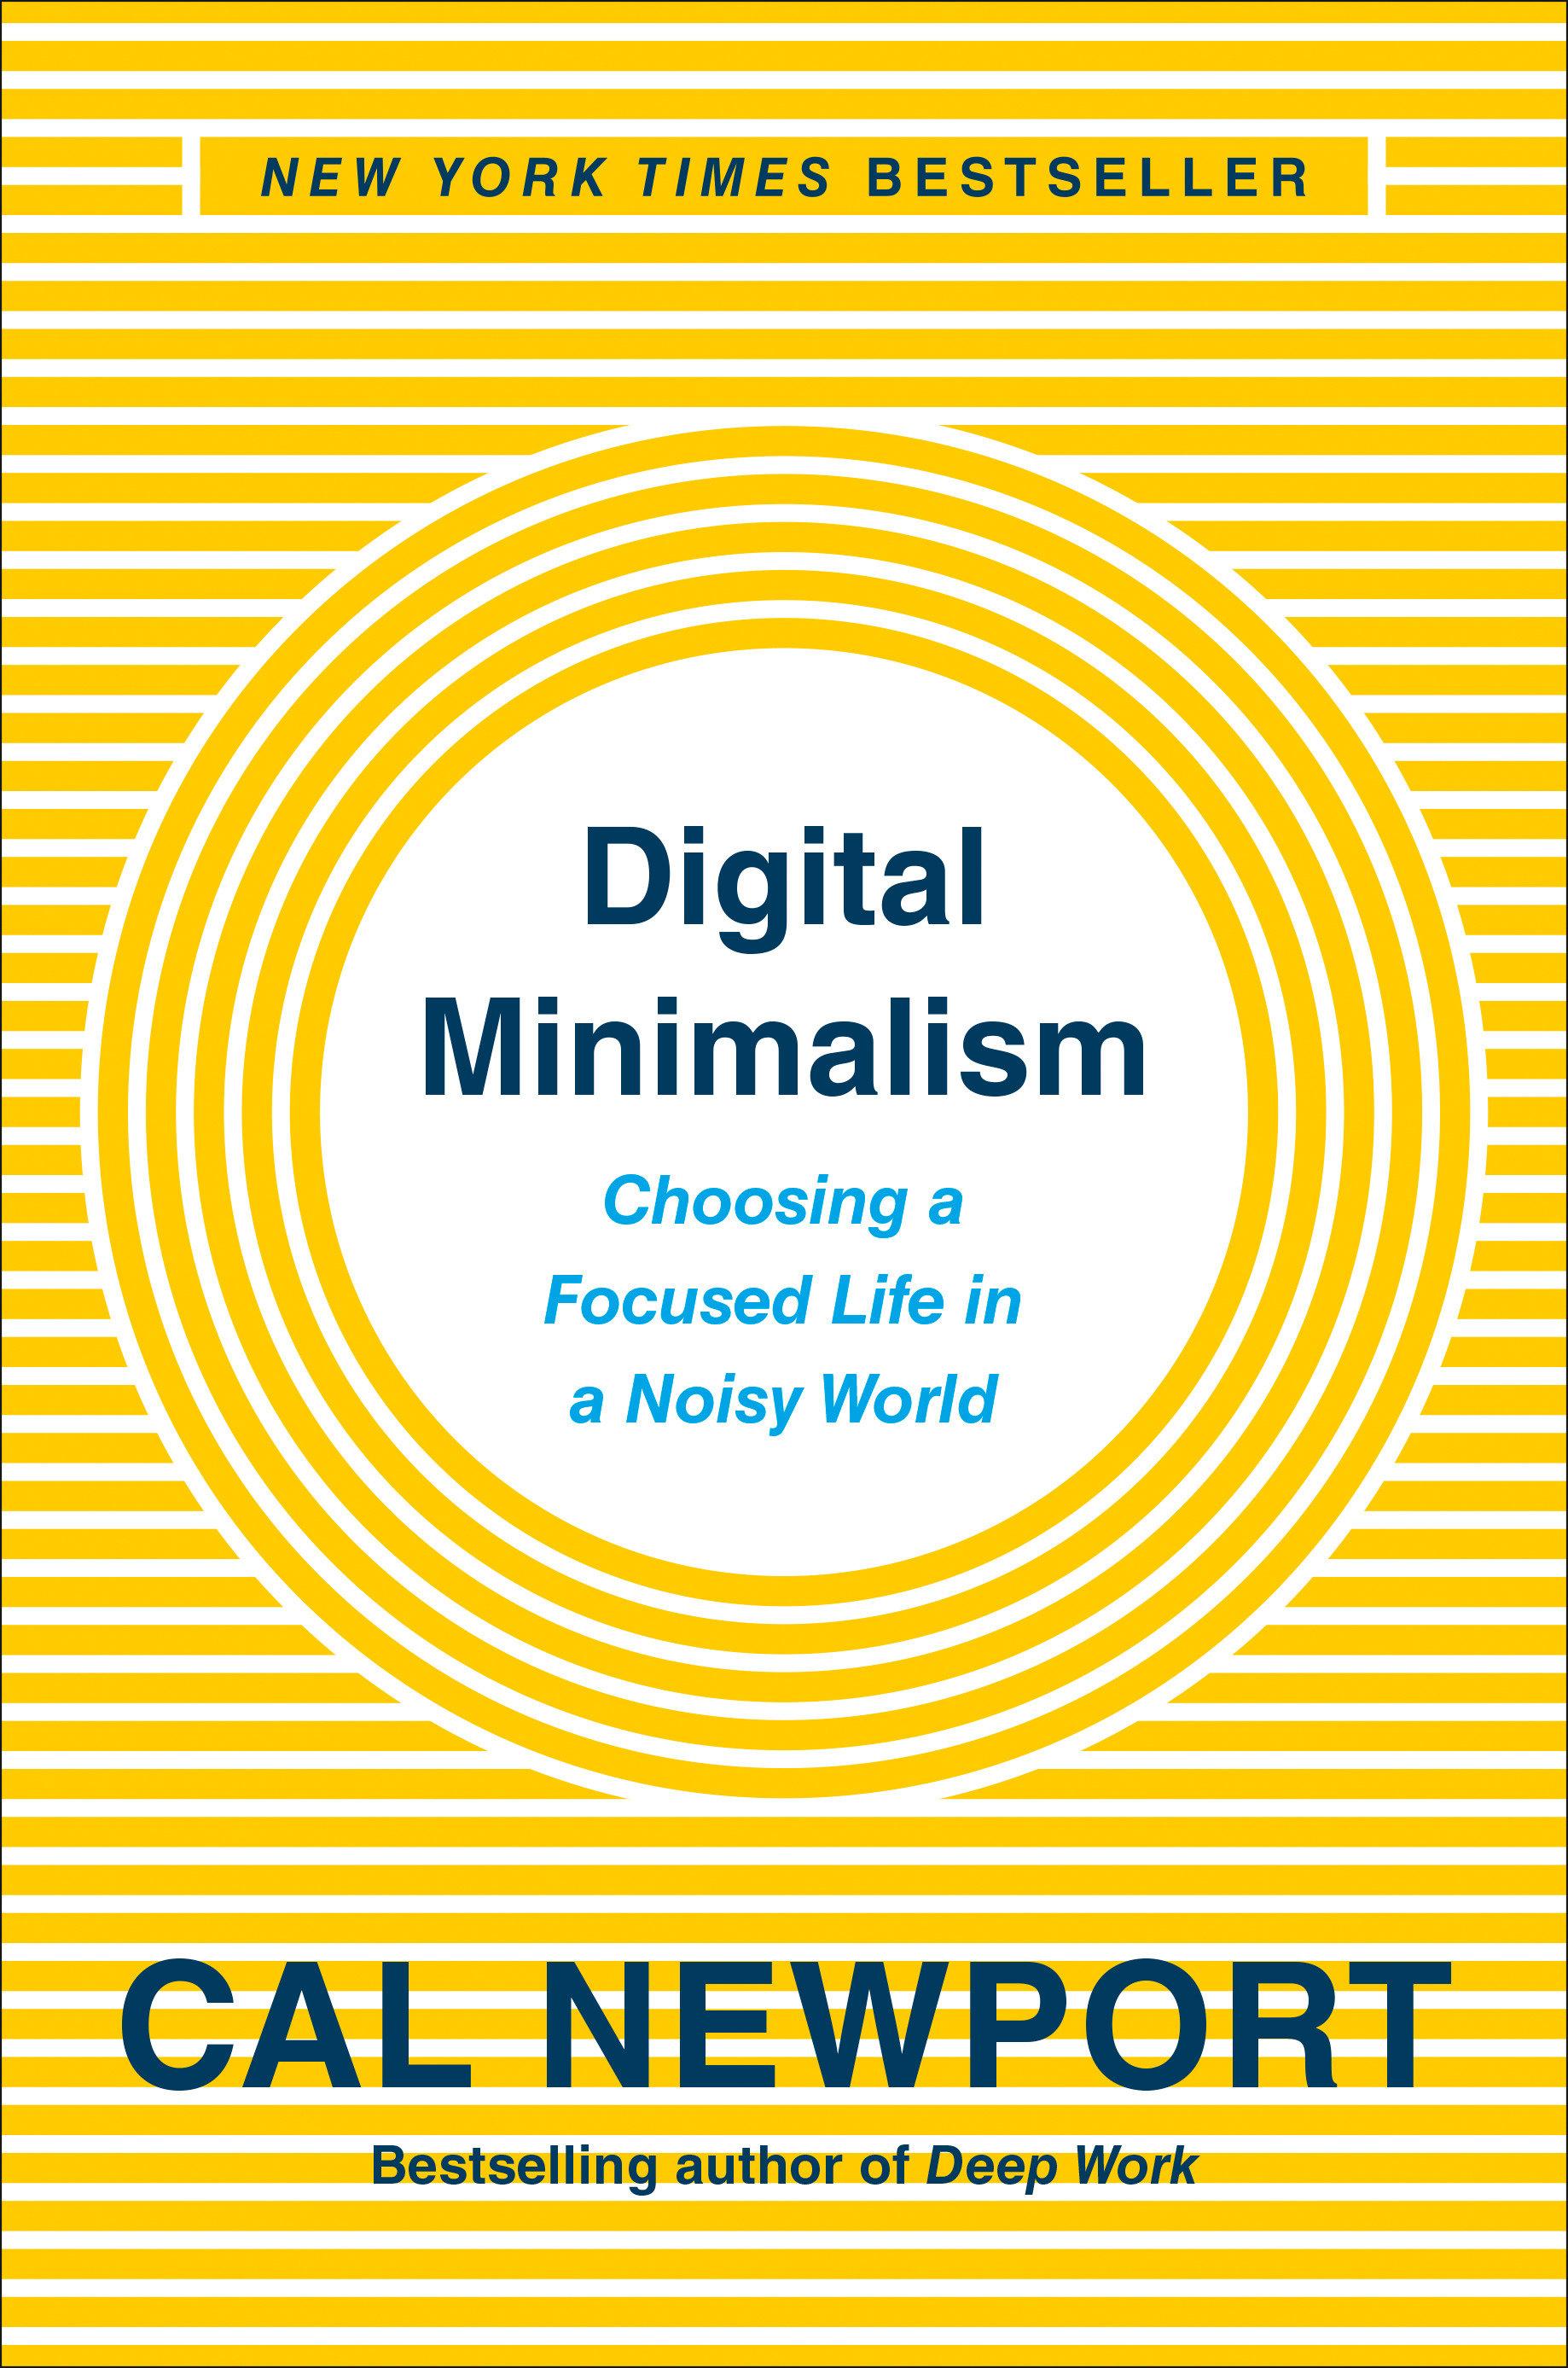 Digital Minimalism Choosing a Focused Life in a Noisy World